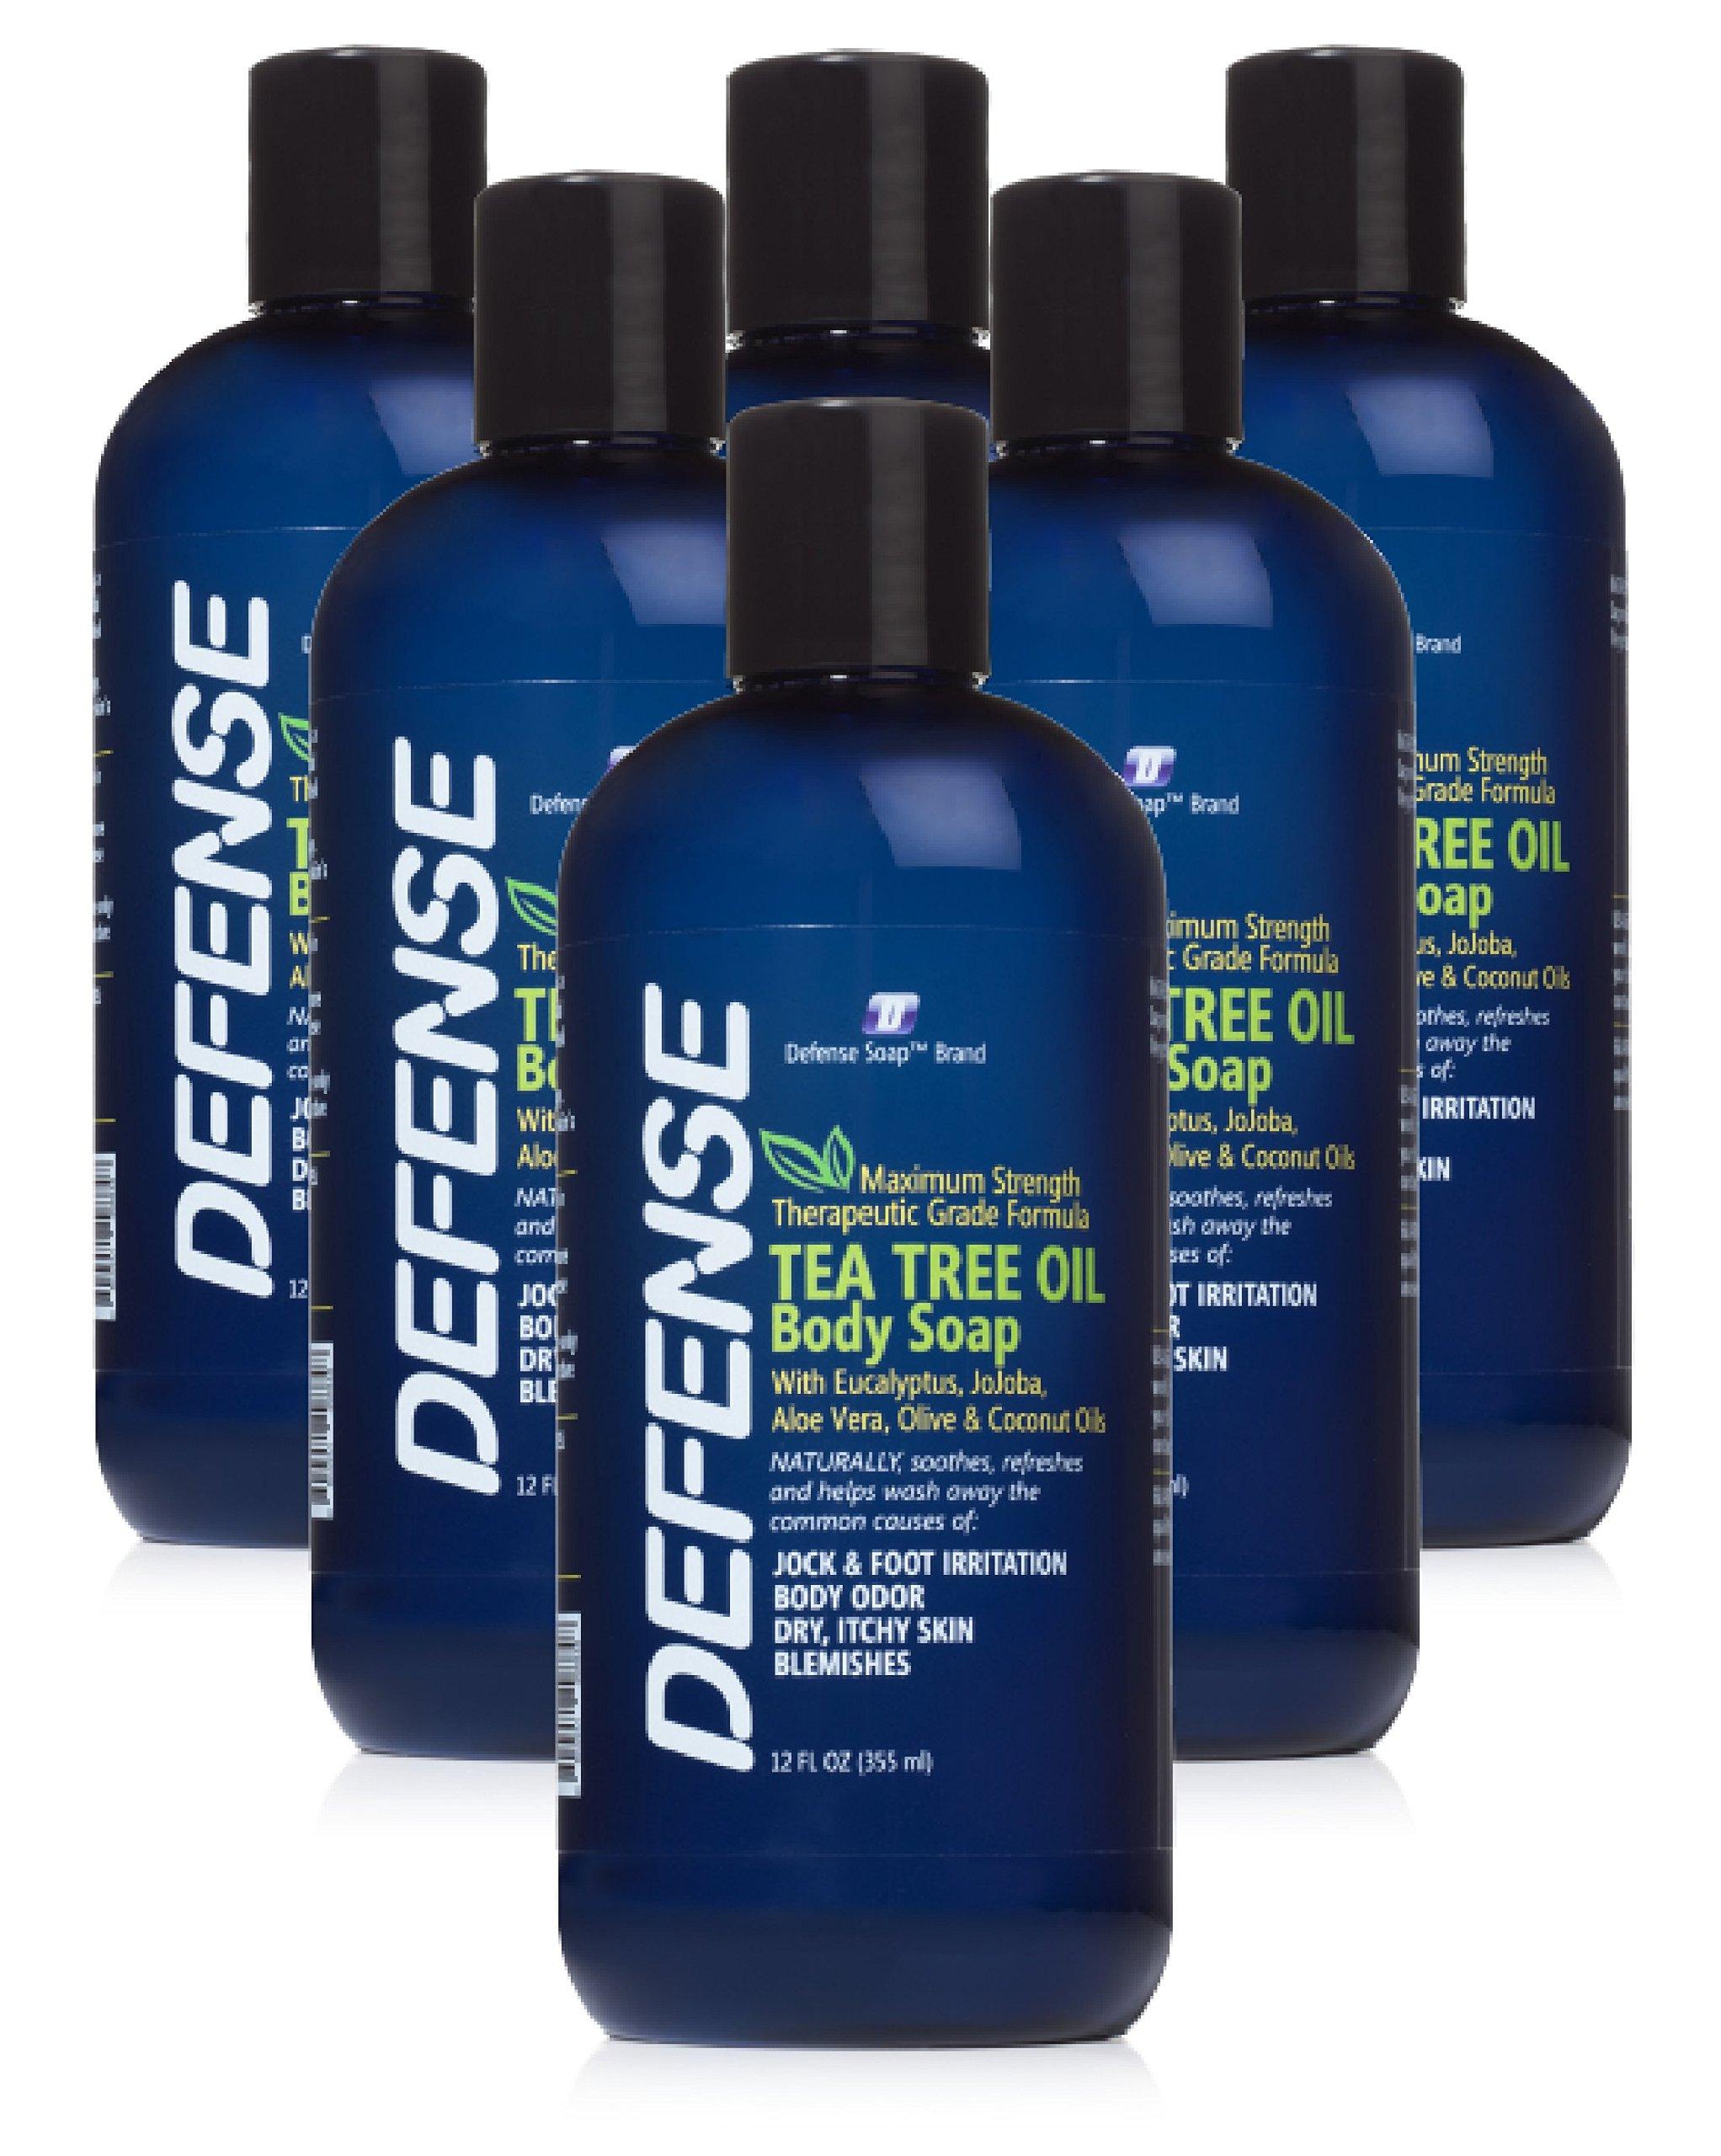 Defense Soap Body Wash Shower Gel 12 Oz (Pack of 6) - Natural Tea Tree Oil